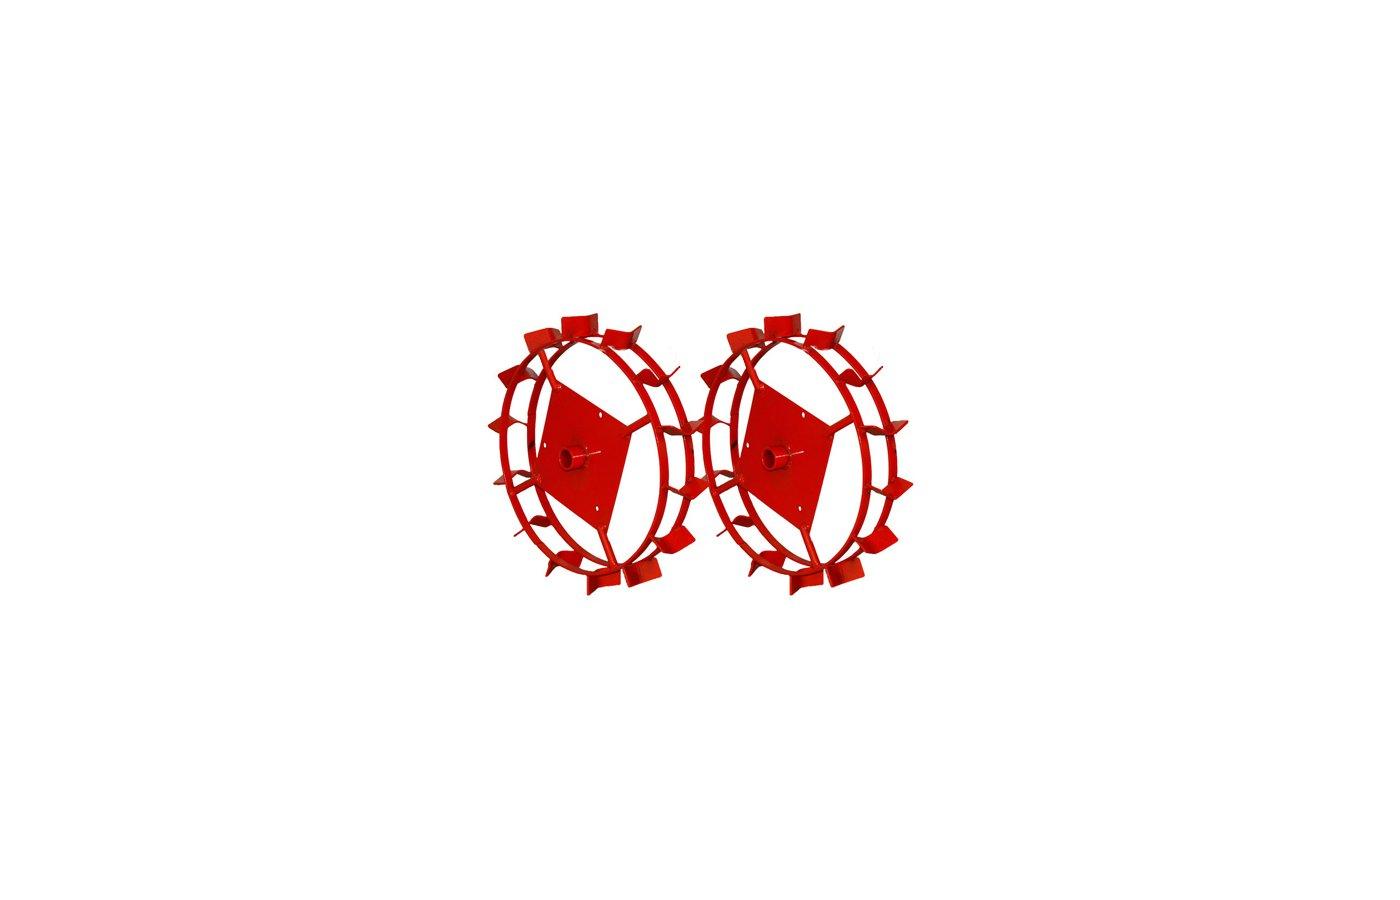 Мотоблок НЕВА Грунтозацепы (колеса универсал. мет.) КУМ 540 ф 540мм